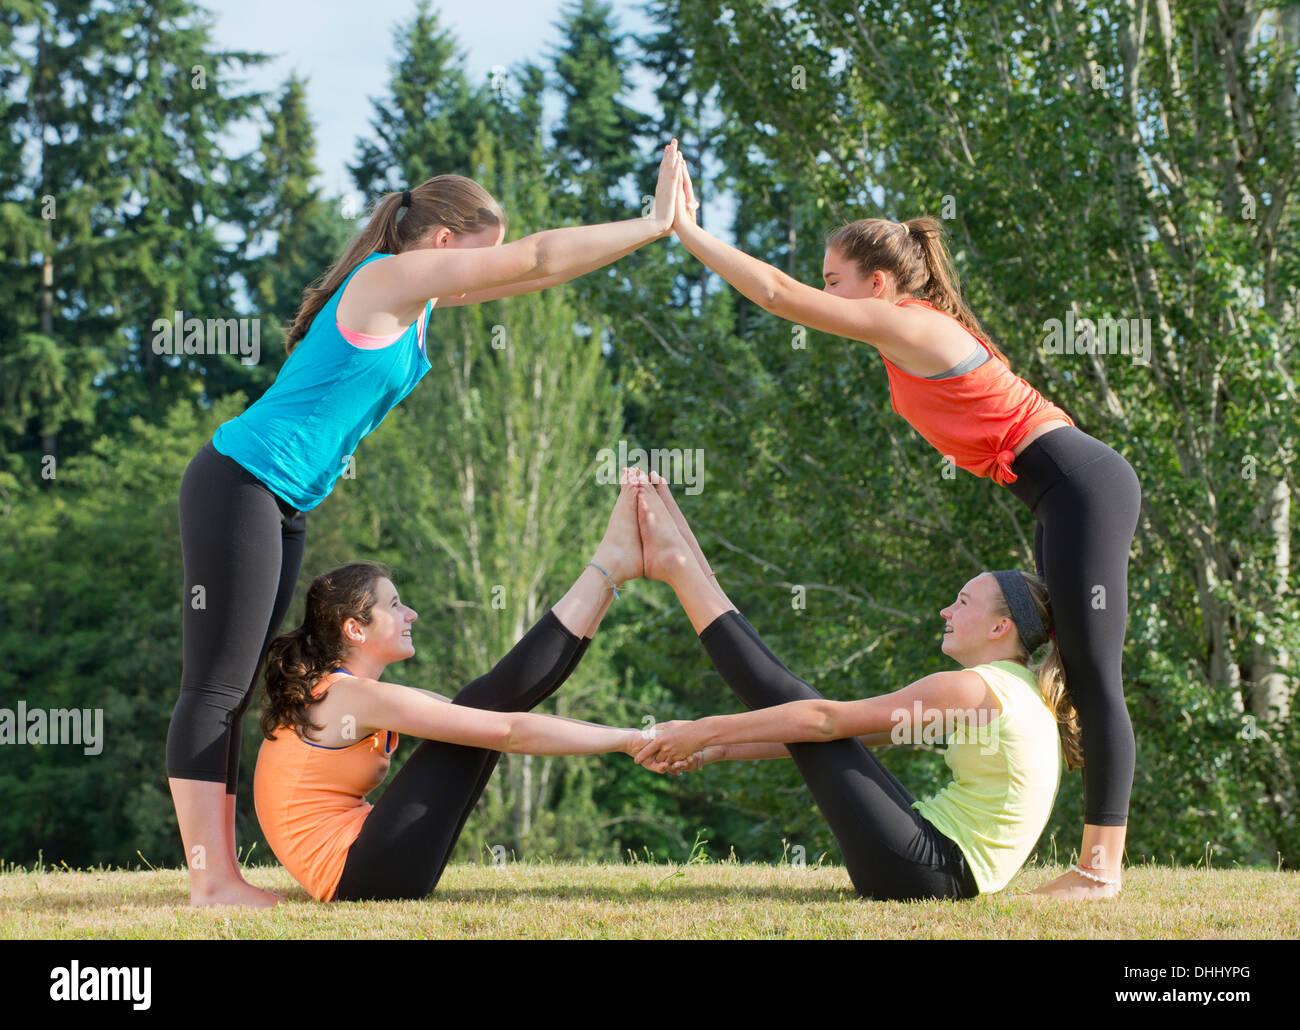 Teenage girls doing yoga Stock Photo - Alamy